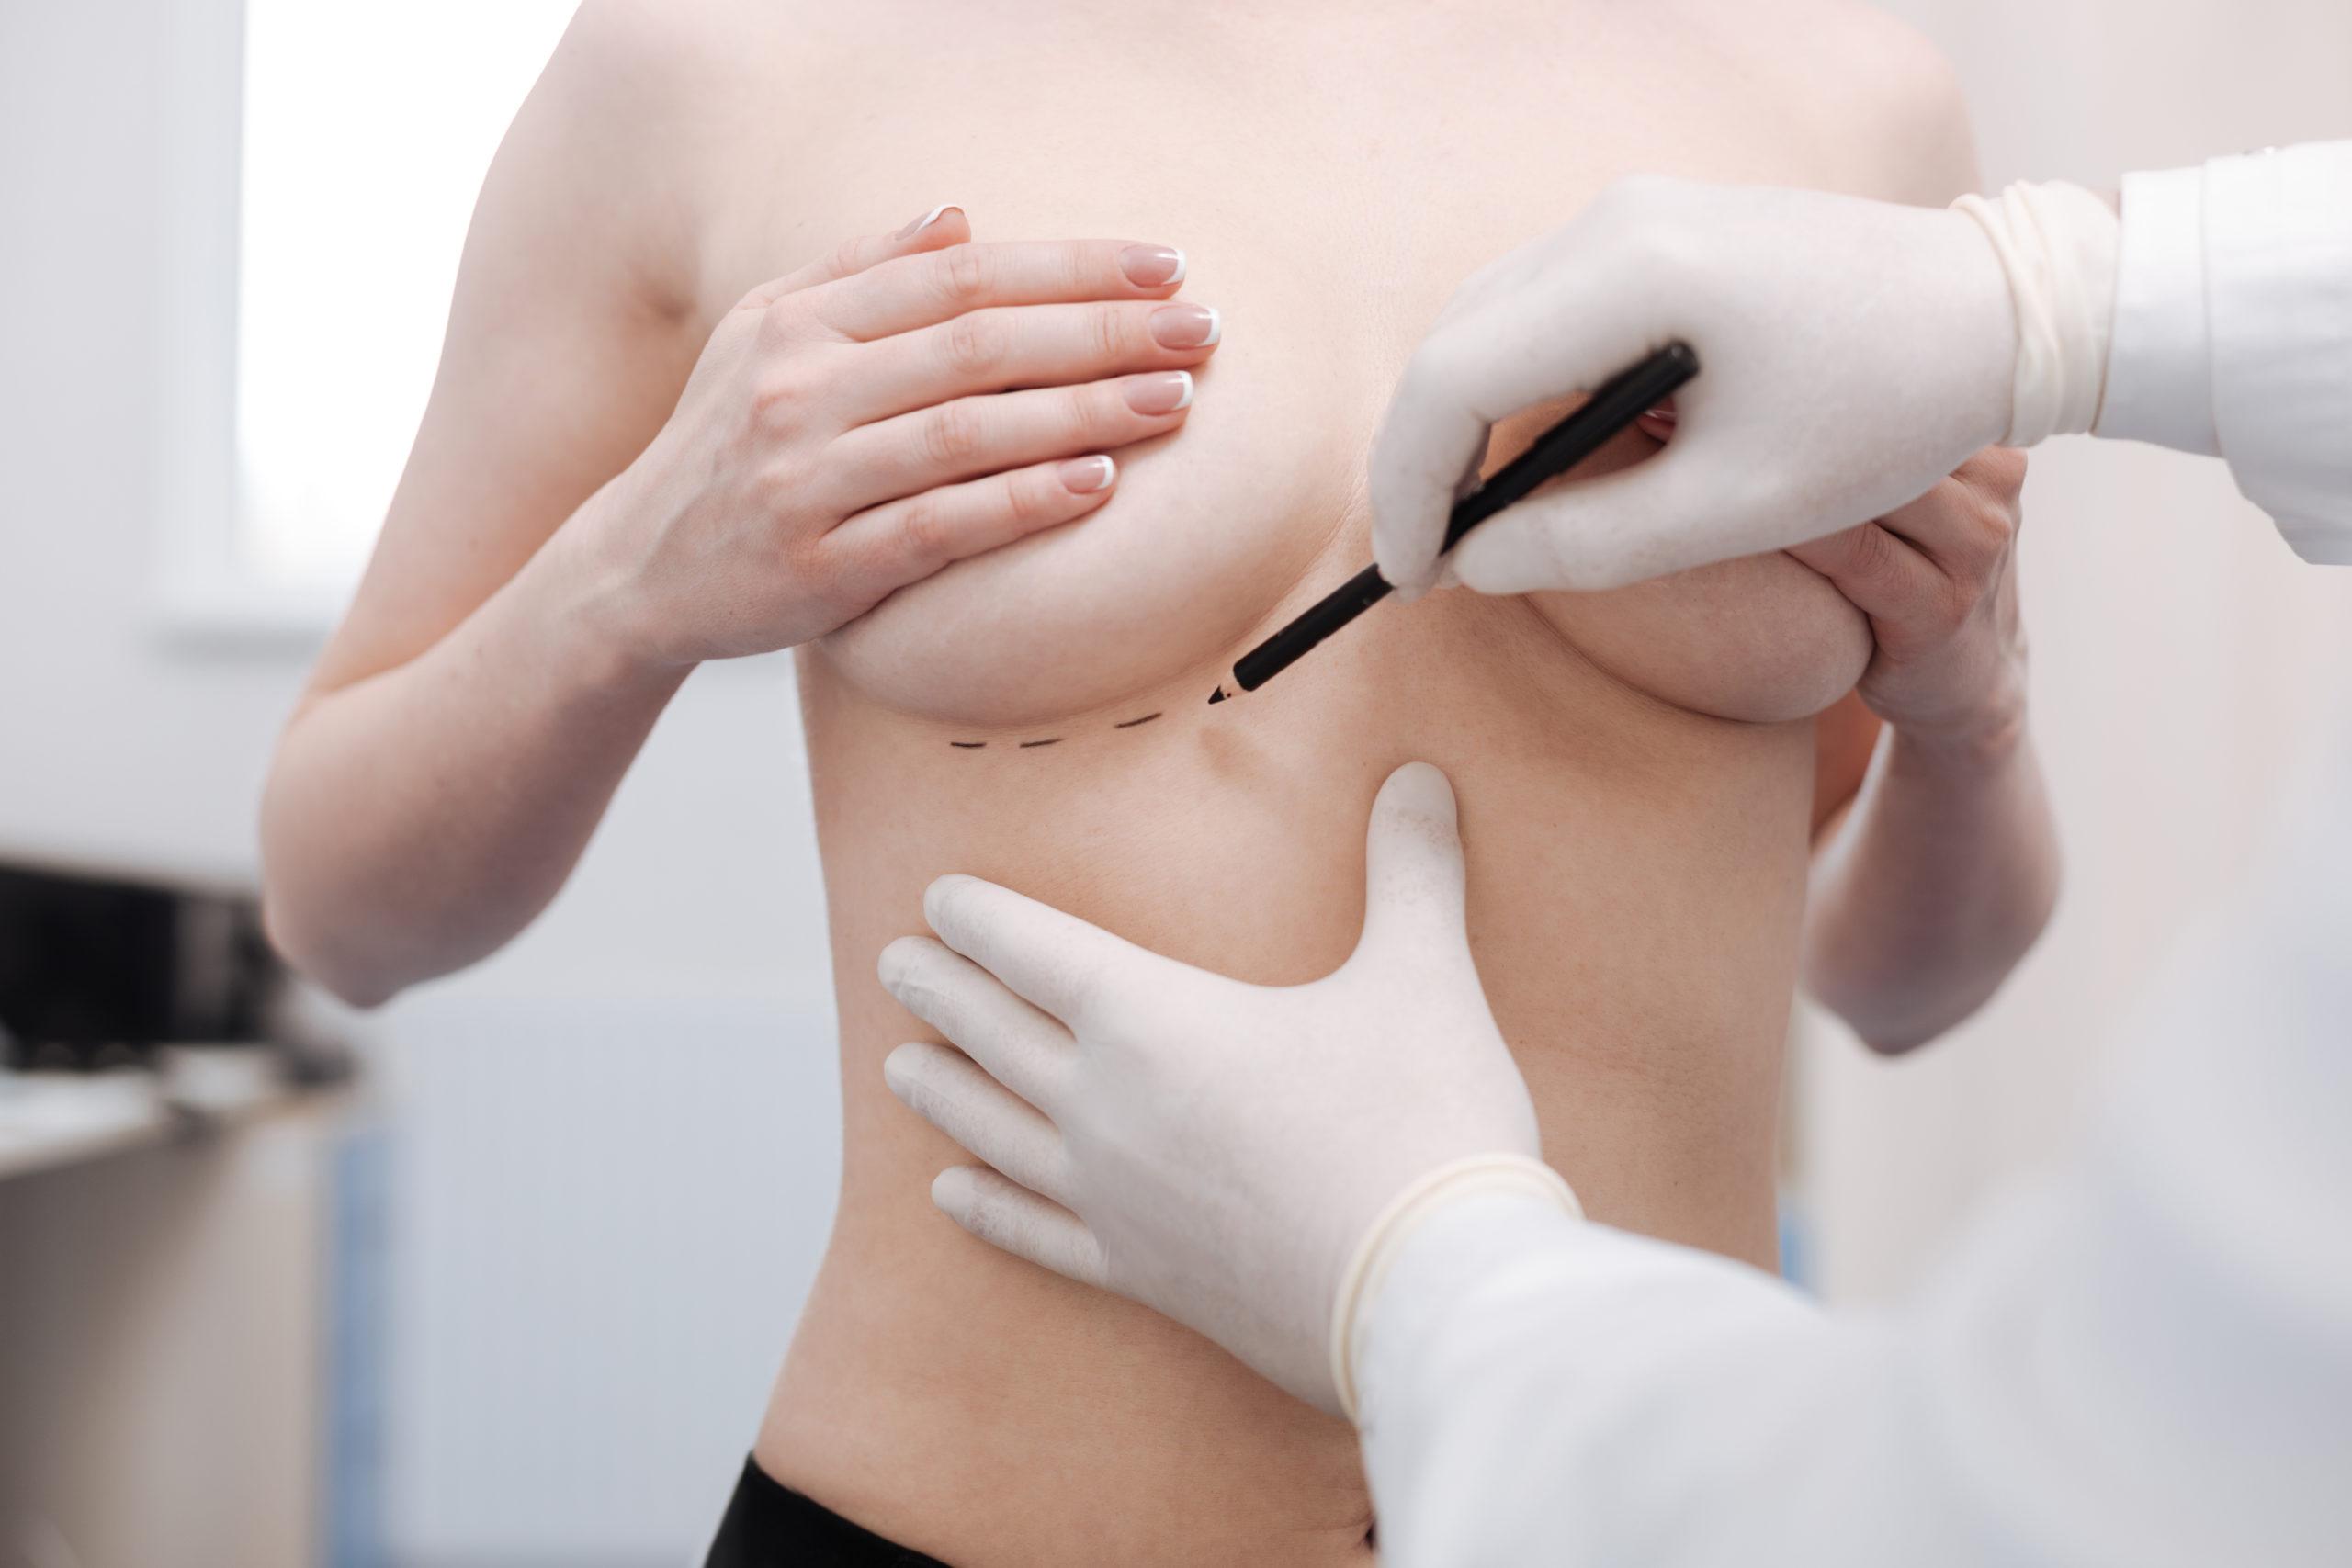 ปัจจัย 3 อันดับแรกที่นำไปสู่ผู้หญิงที่ต้องการศัลยกรรมยกกระชับหน้าอก